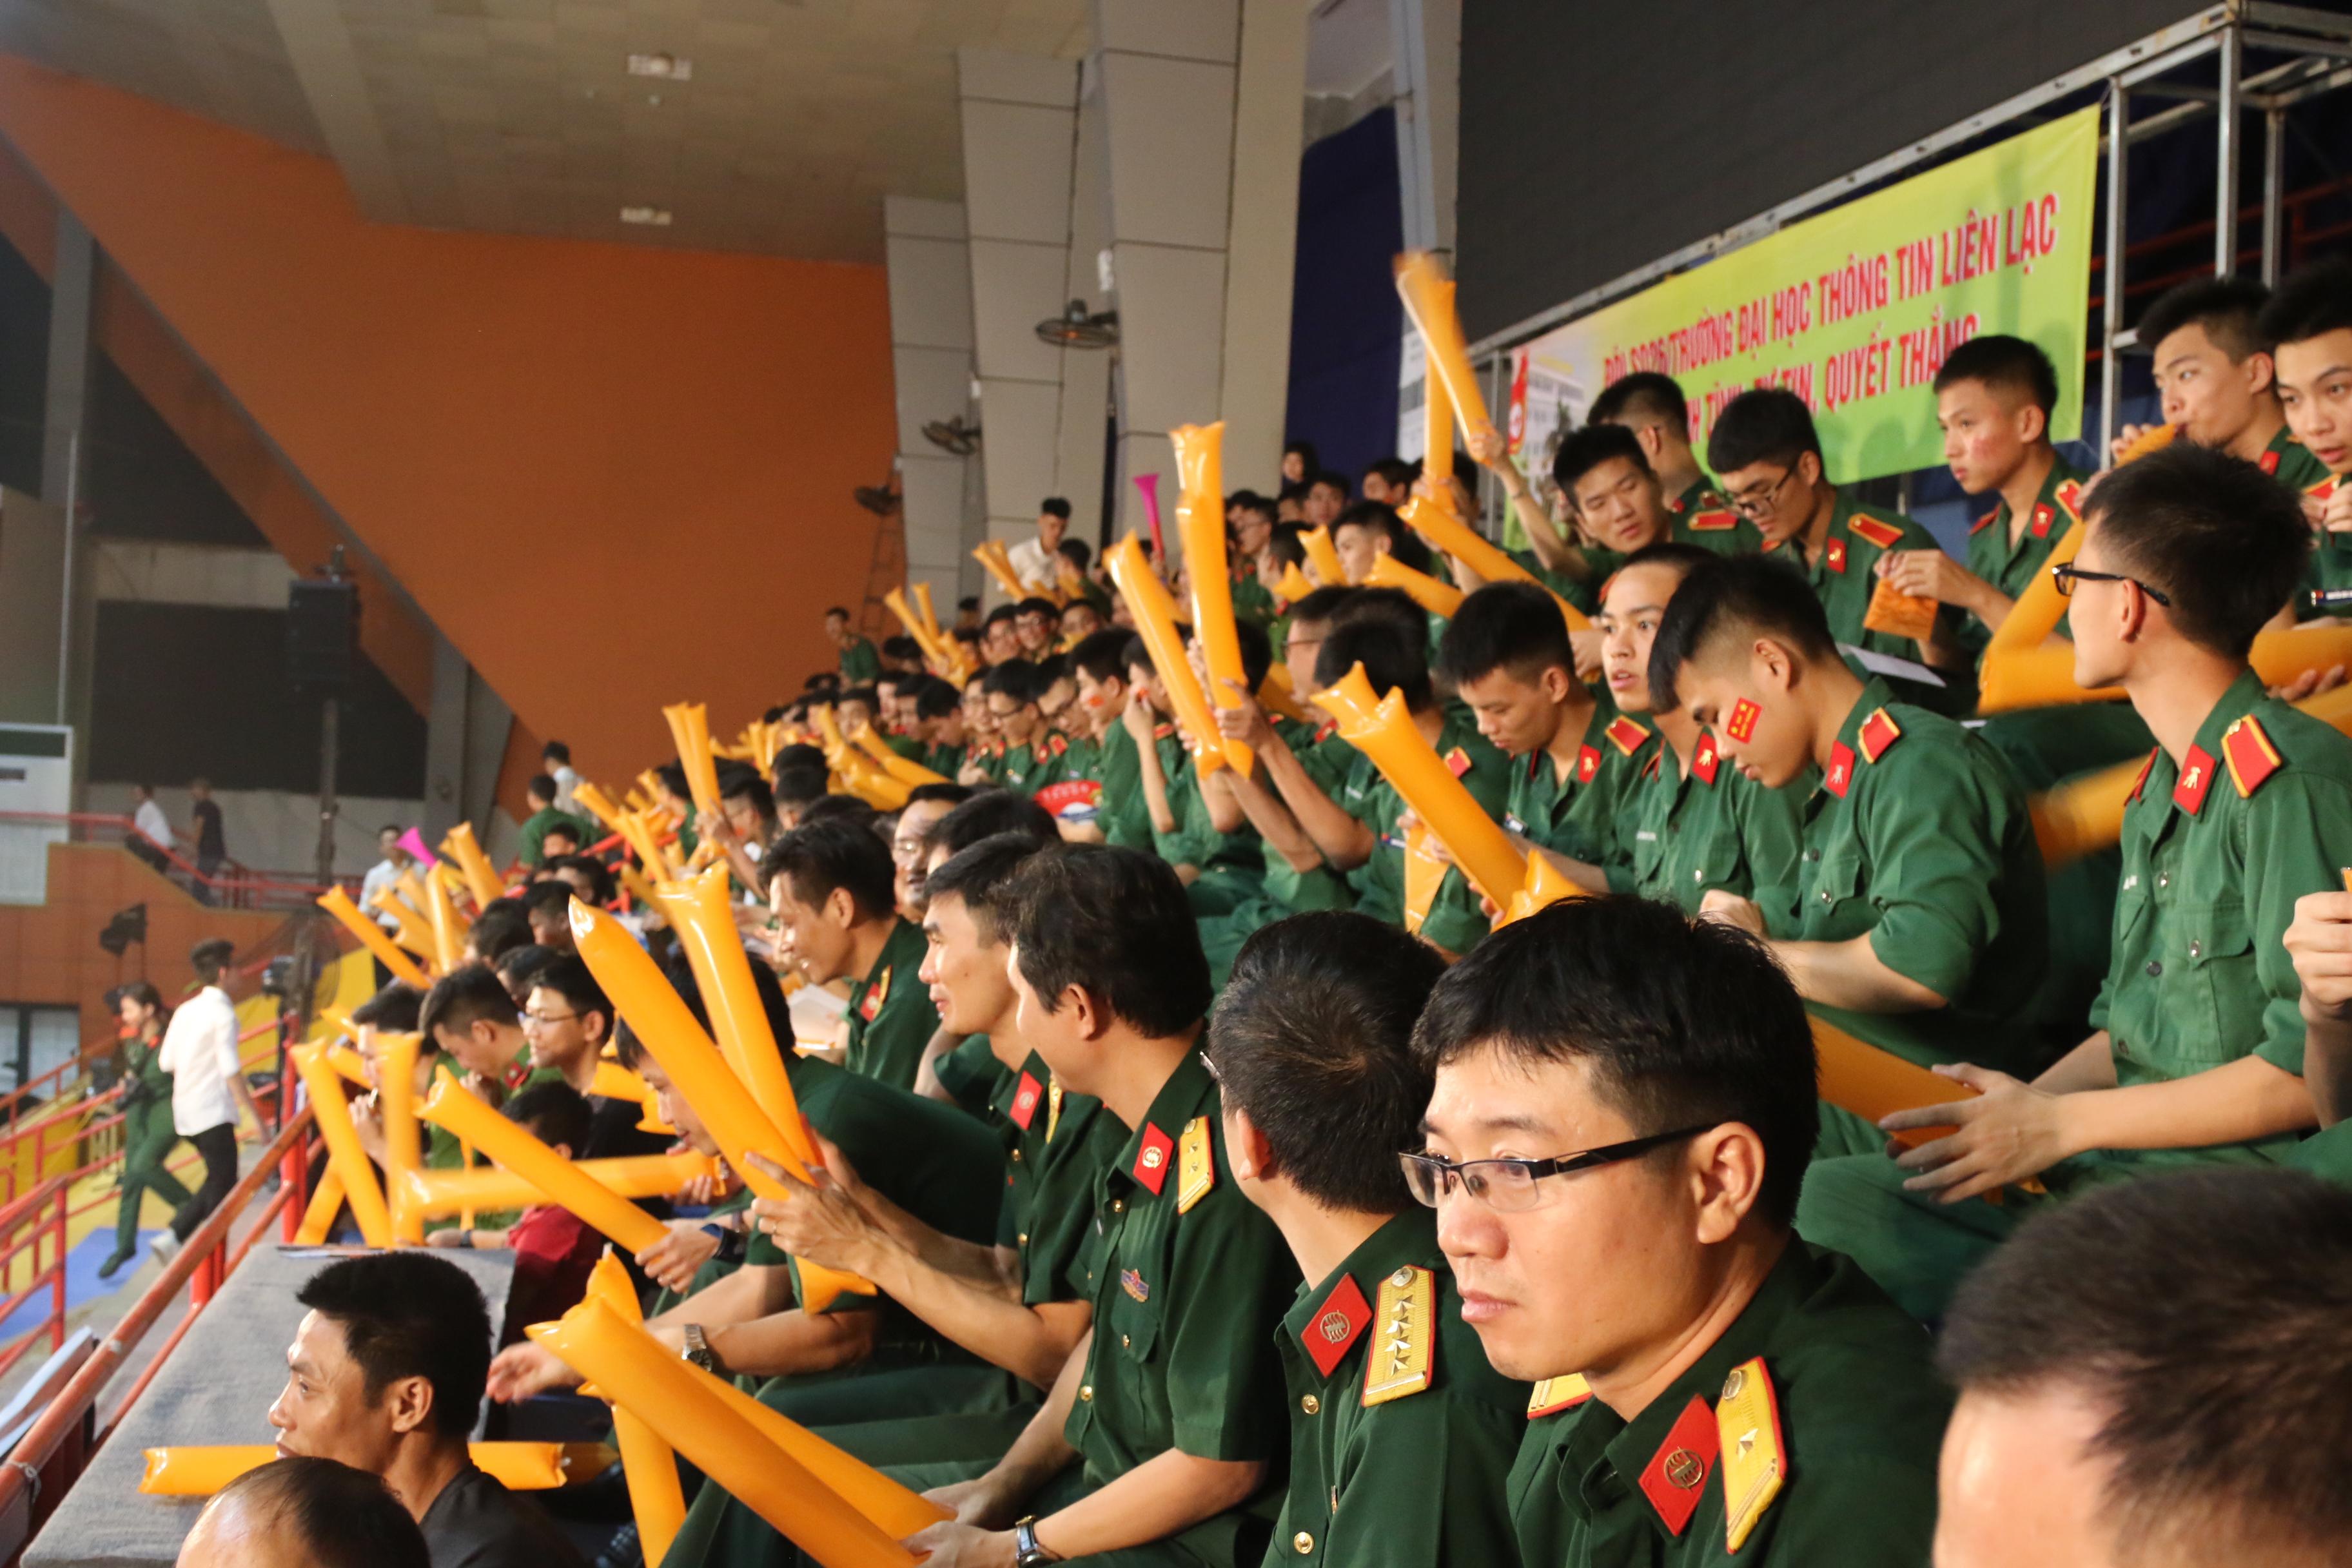 Hơn 1.000 khán giả là các thầy cô, phụ huynh và học sinh, sinh viên trên toàn quốc đã có mặt tại nhà thi đấu Tây Hồ để cổ vũ cho 10 đội thi trong vòng Chung kết Cuộc đua số mùa 3.